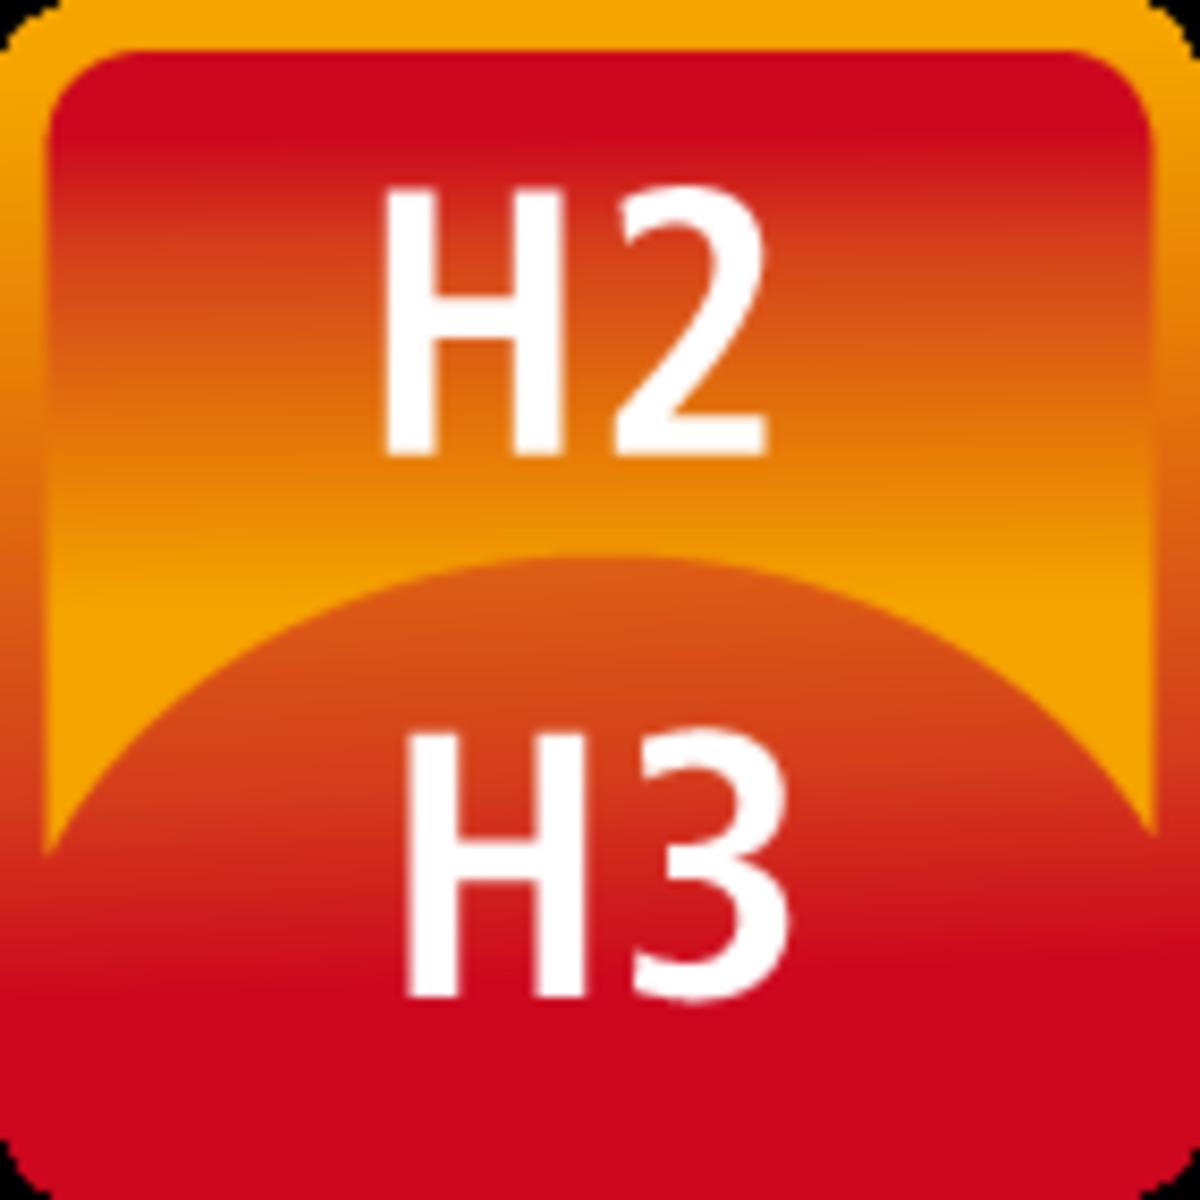 Bild 4 von Hn8 7-Zonen Geltouch-Matratze Aktivgel D N A 100